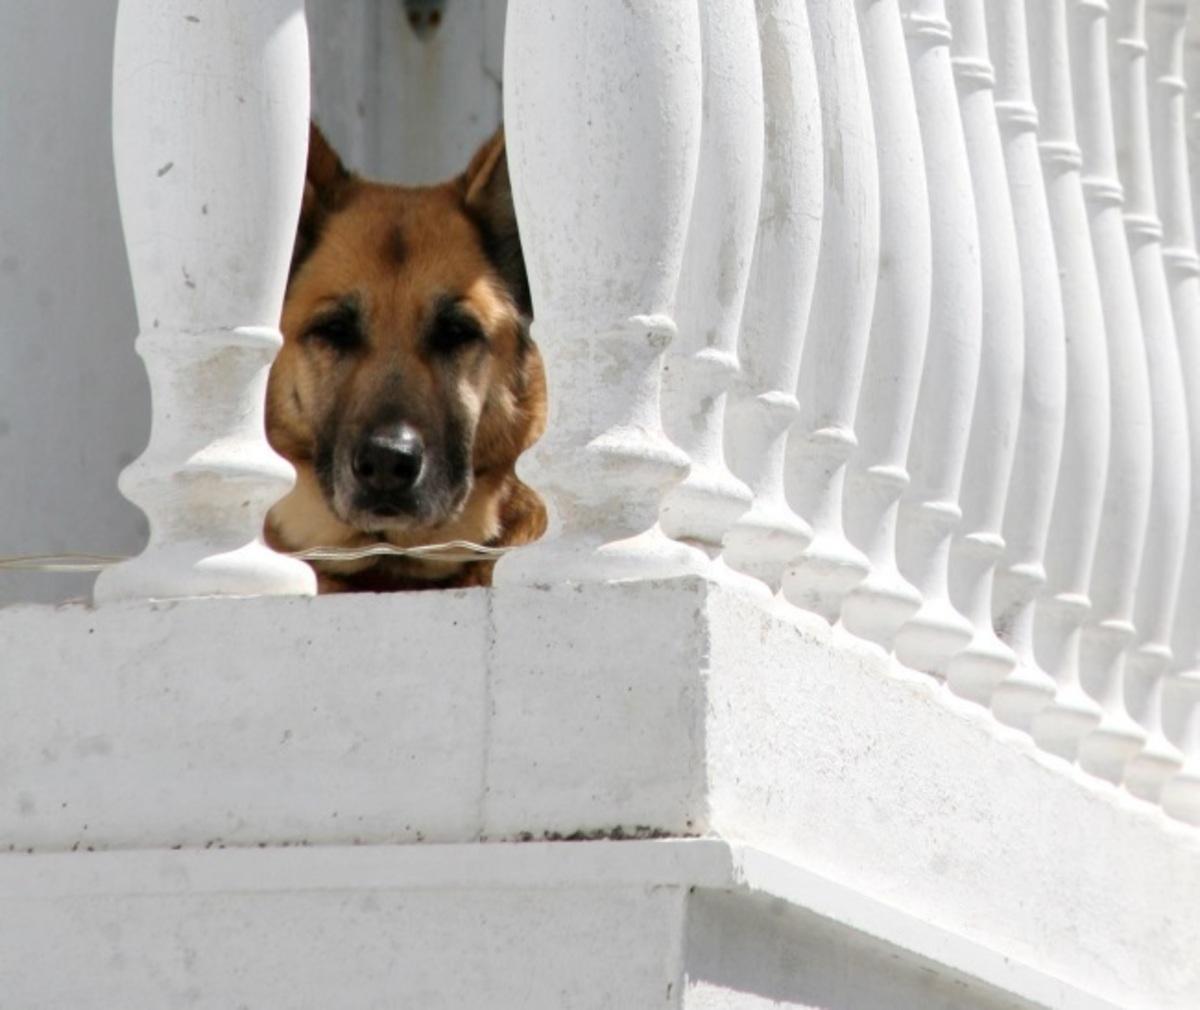 Βόλος: Ο αγαπημένος του σκύλος τον έβαλε σε περιπέτειες – Σύλληψη λίγο πριν τα Χριστούγεννα! | Newsit.gr